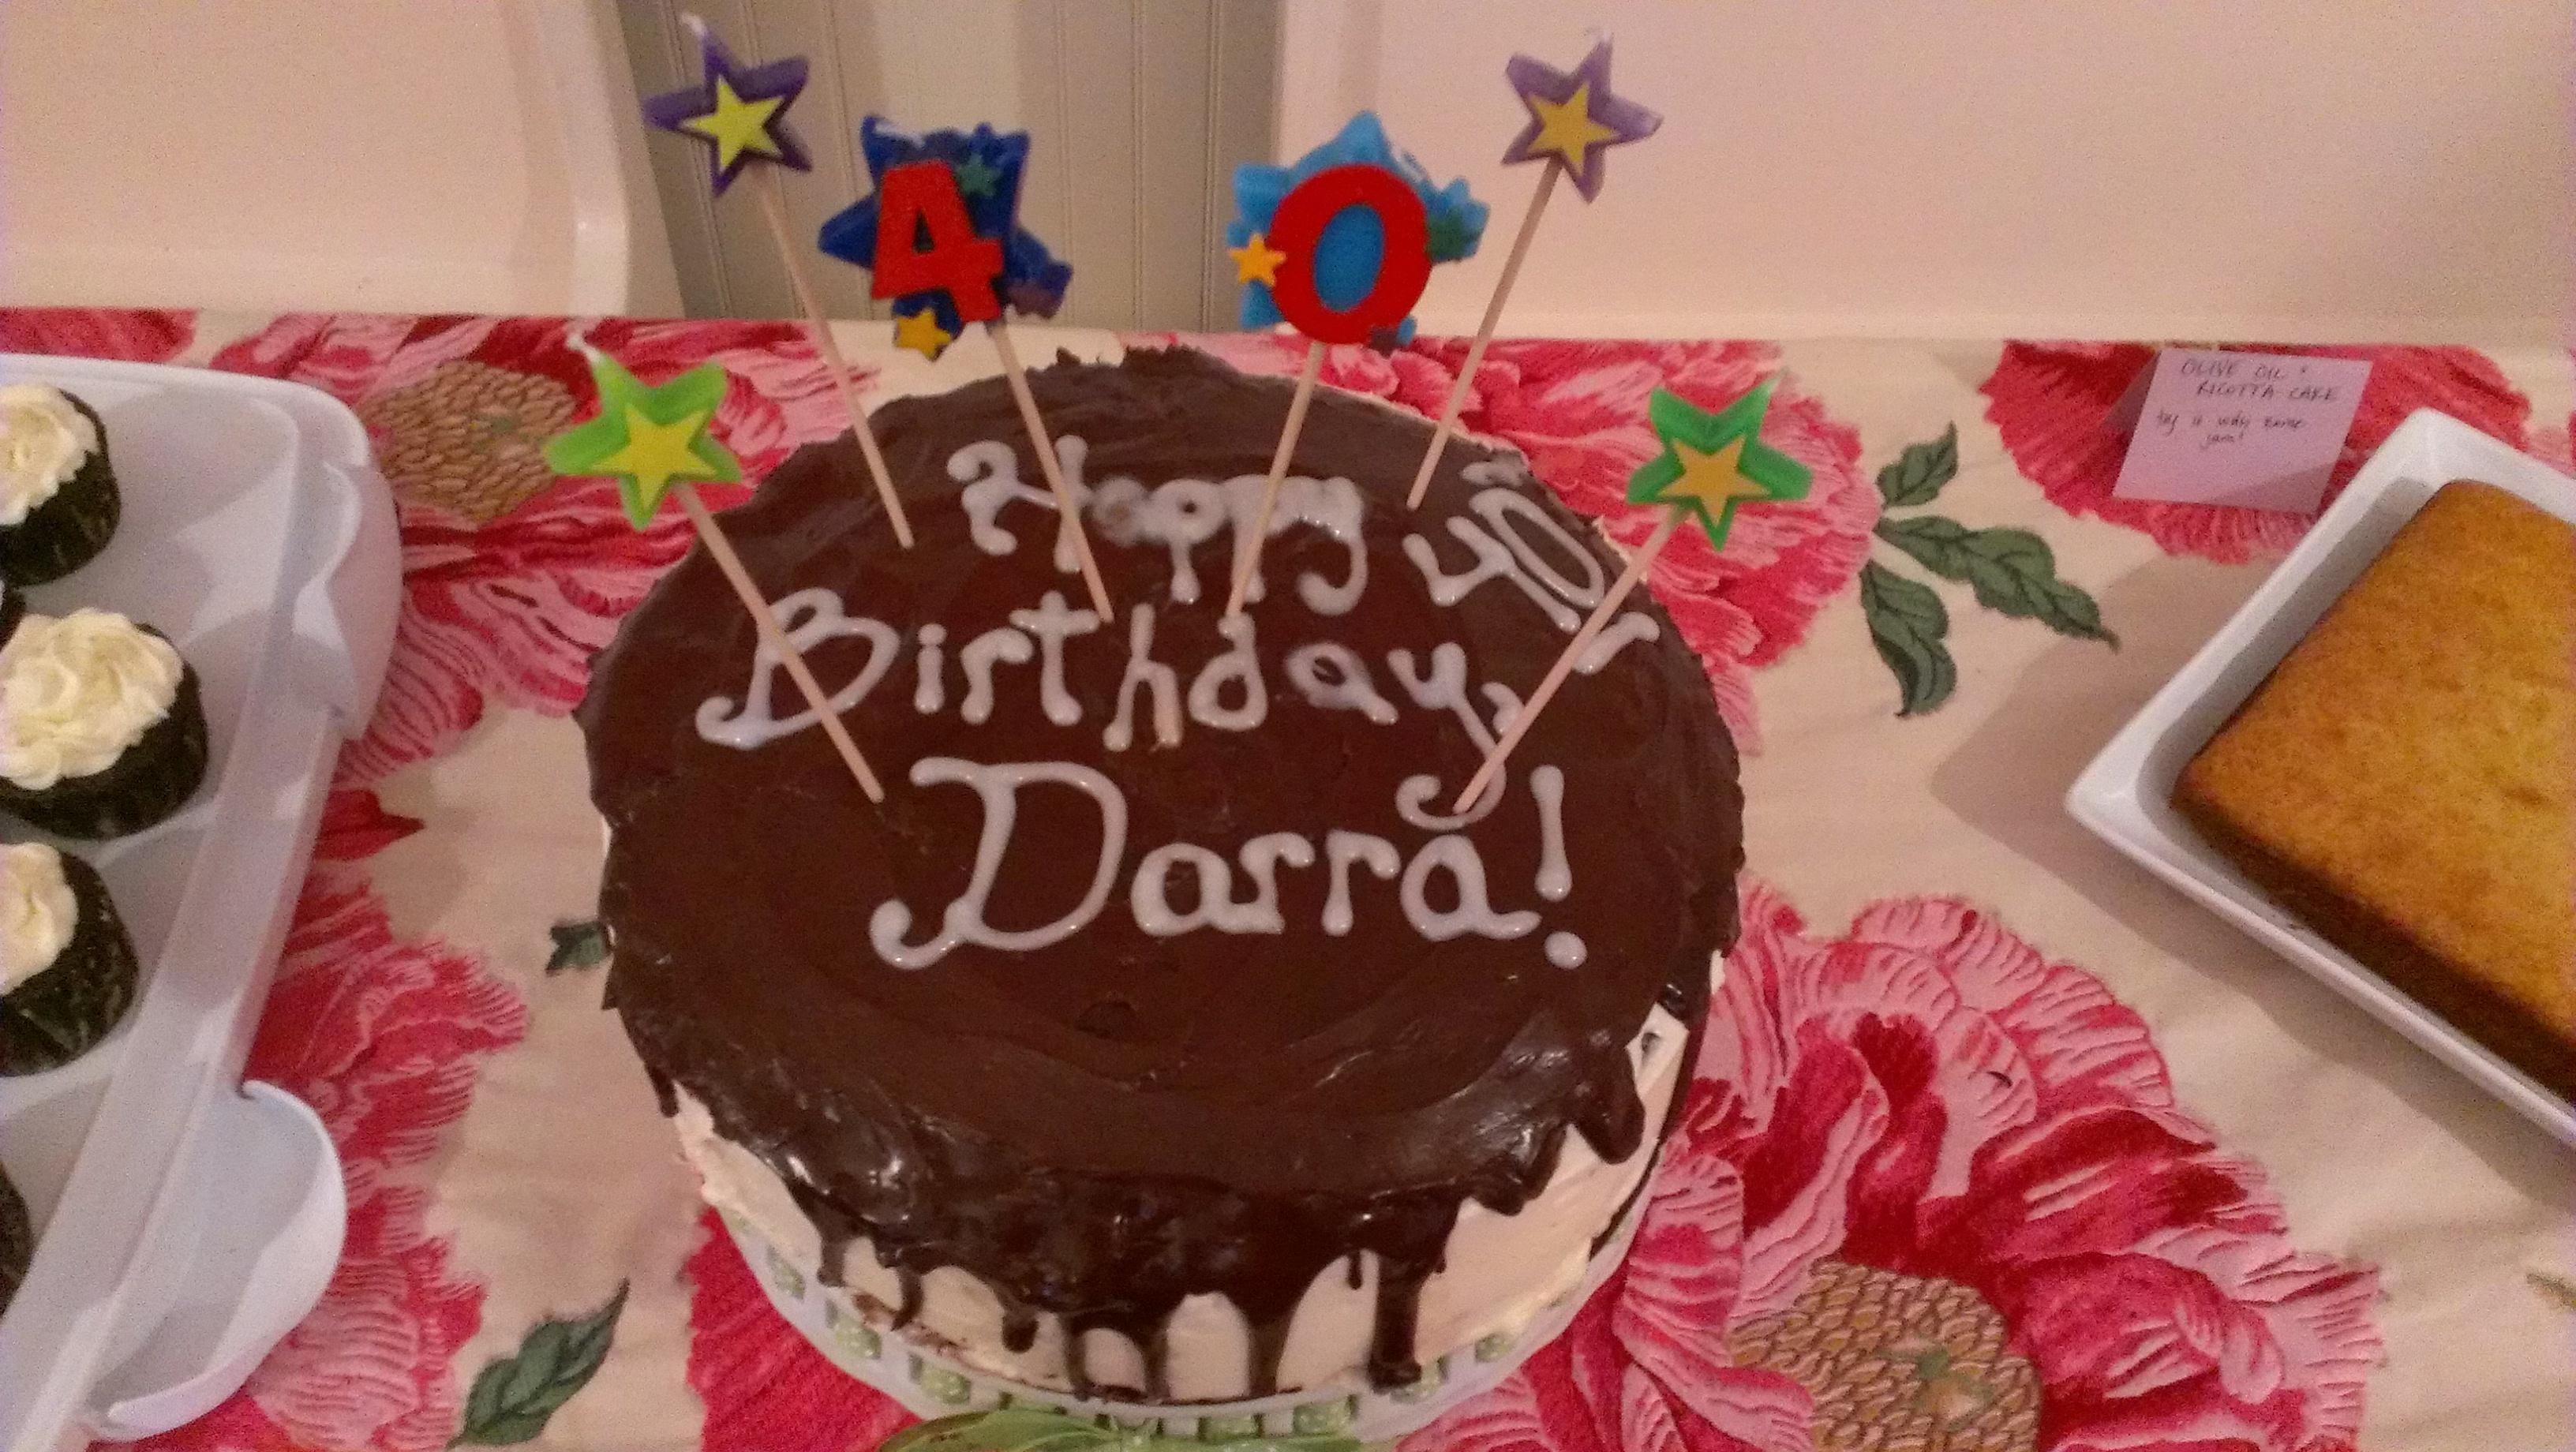 Cake Shop Darra